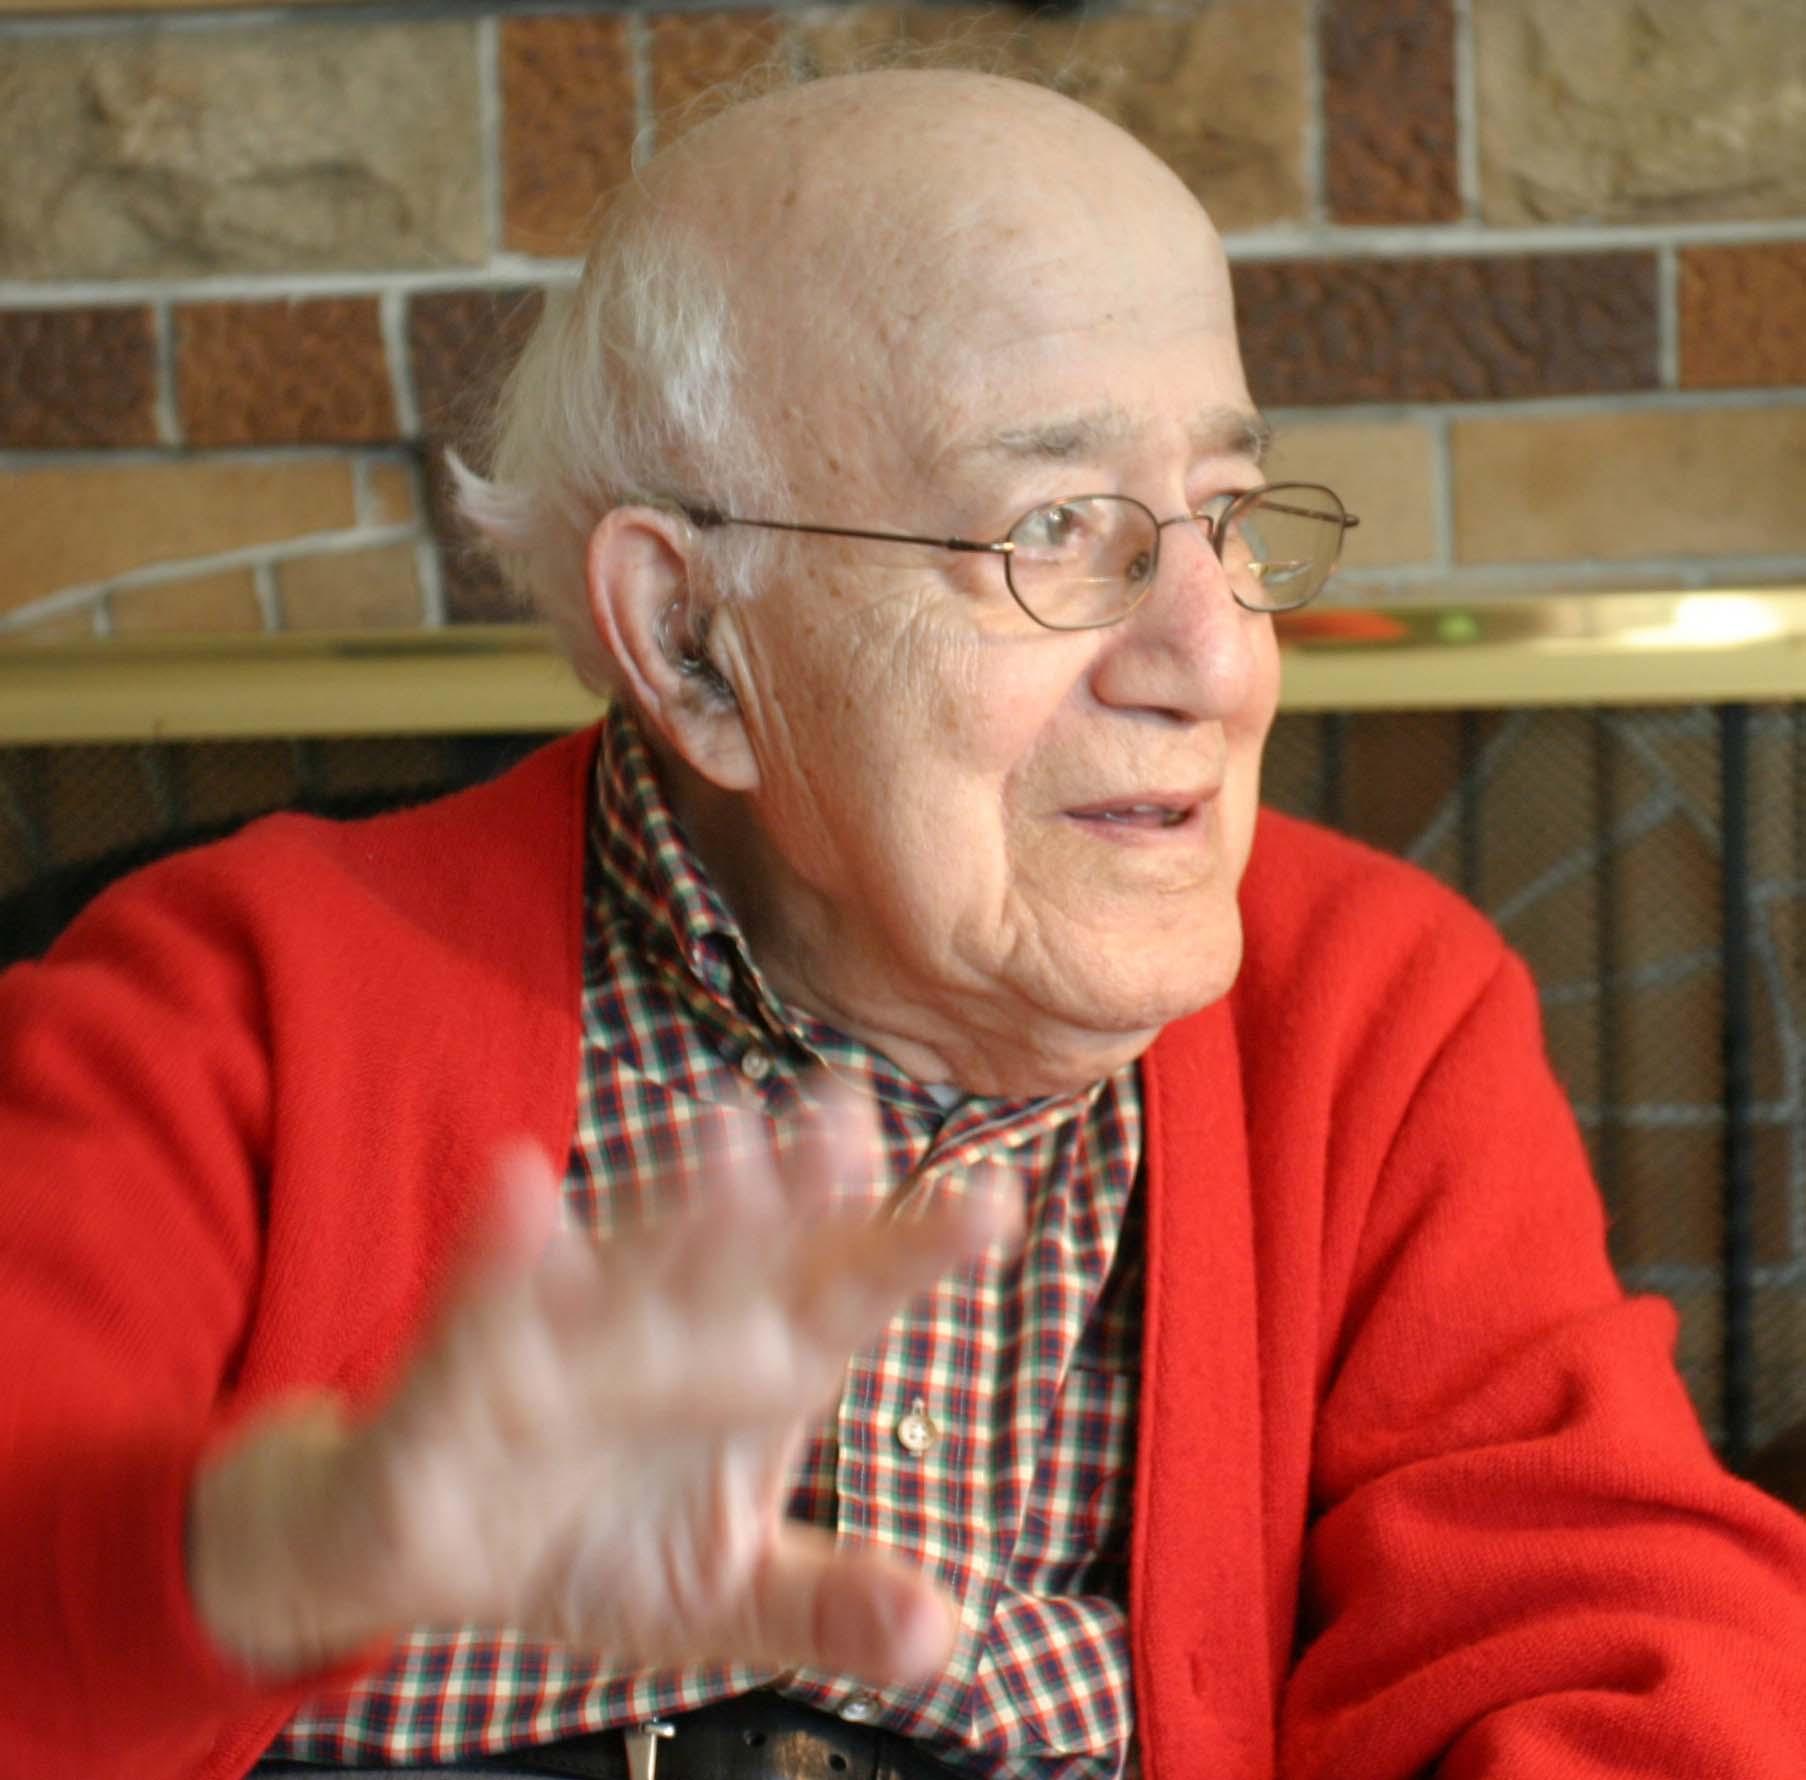 Carl Rakosi